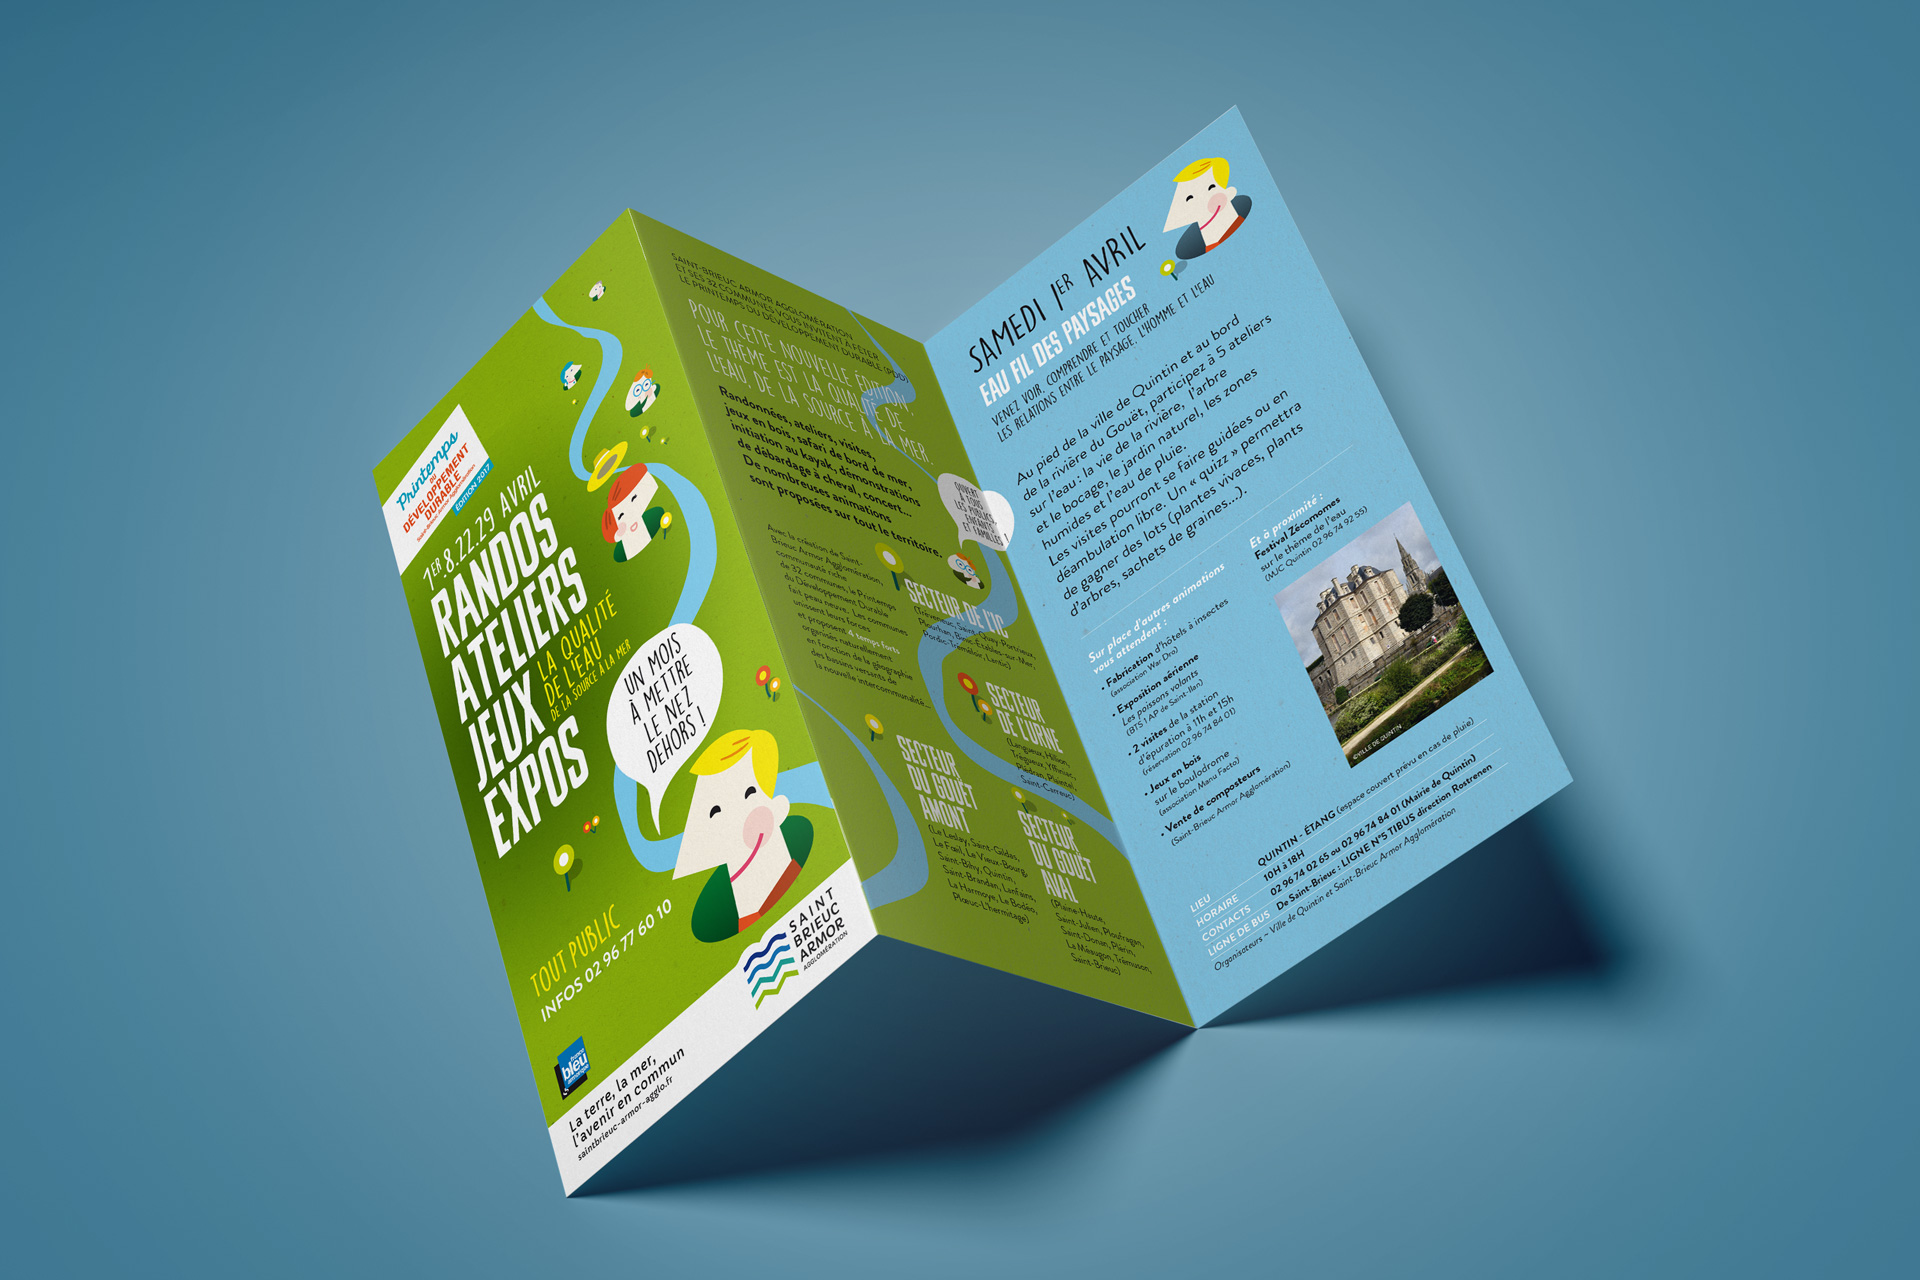 Saint Brieuc Agglomeration Printemps Developpement Durable Fete Nature Programme Depliant